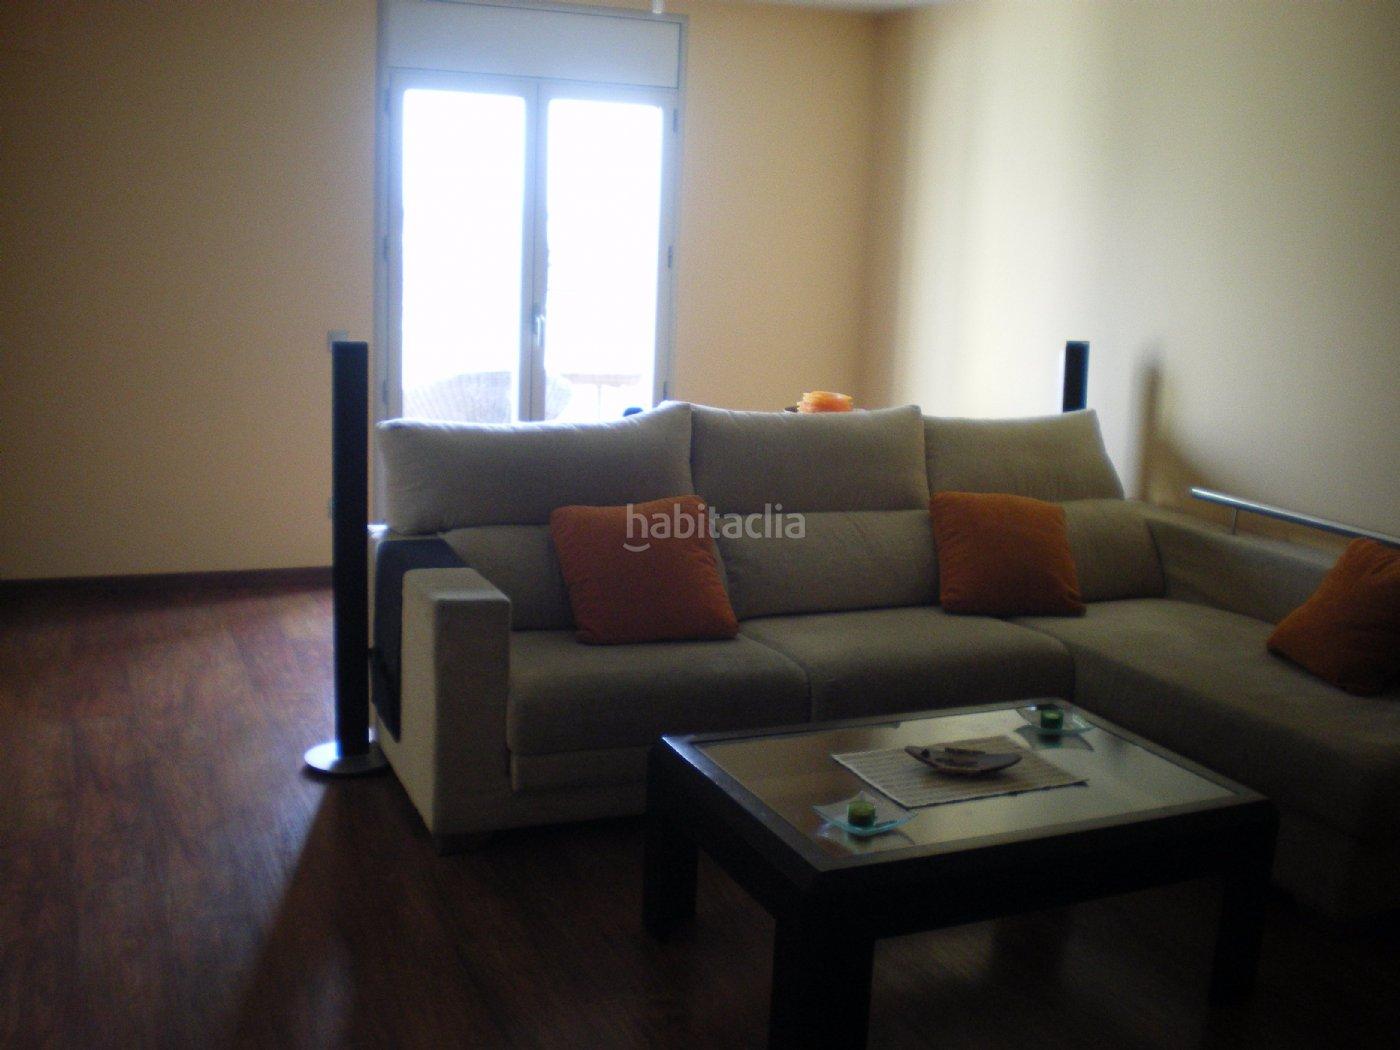 Alquiler piso por 545 en cam montserrat en alquiler o alquiler con opci n a compra en mas - Piso en alquiler con opcion a compra ...